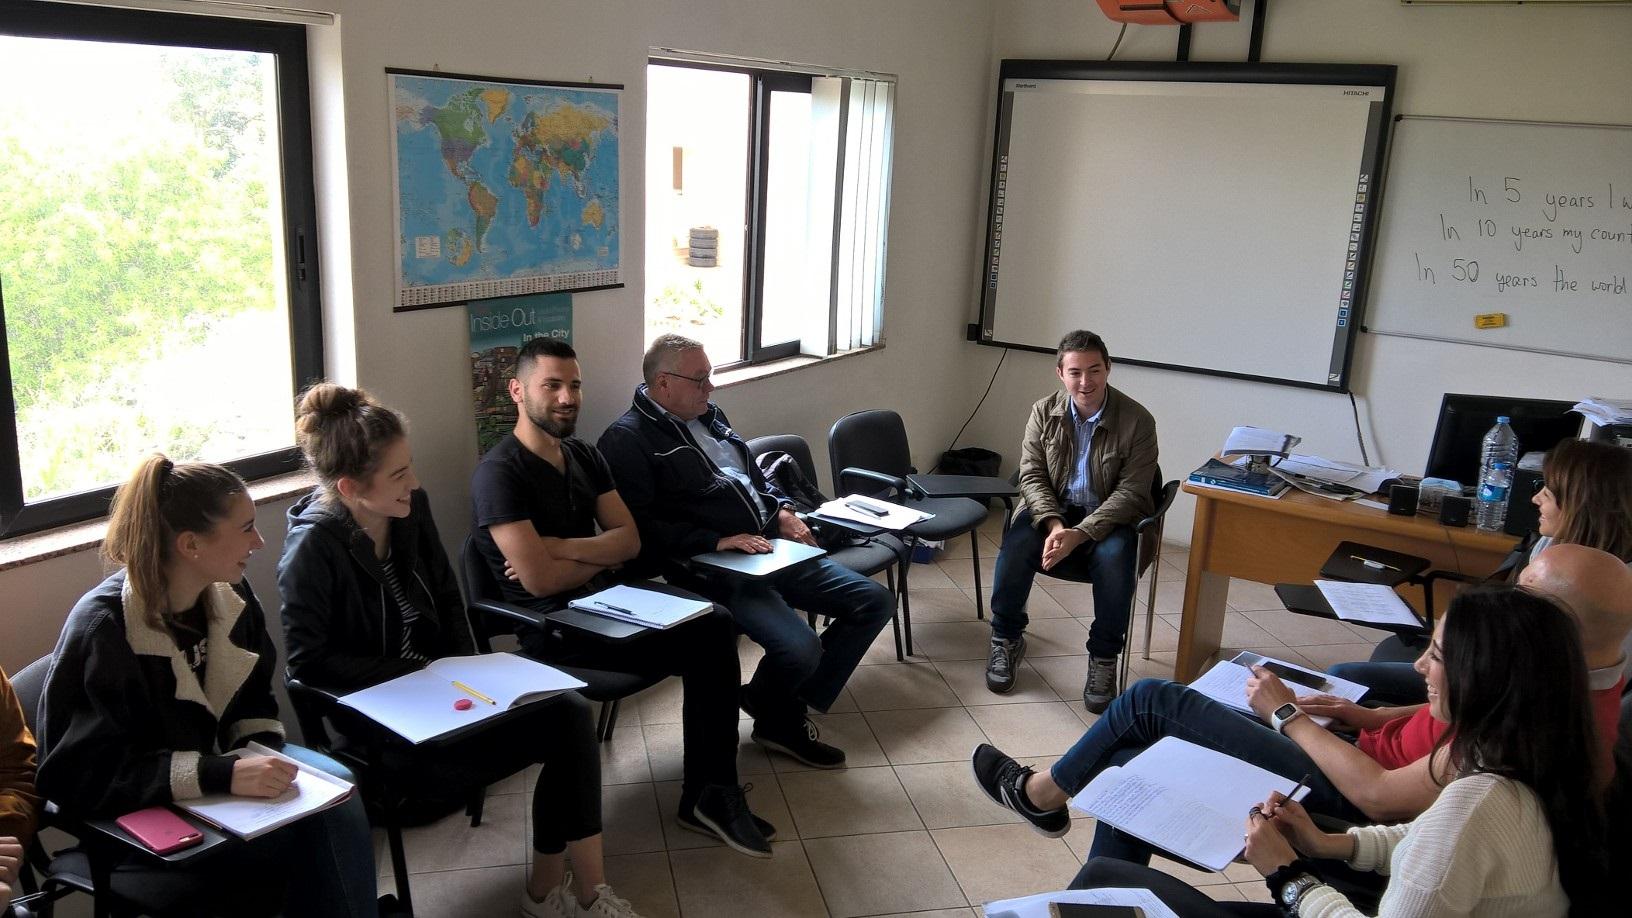 GSE Malta studovat anglicky v maltě st Julians v klidném a uvolněném prostředí - skvělá anglická škola